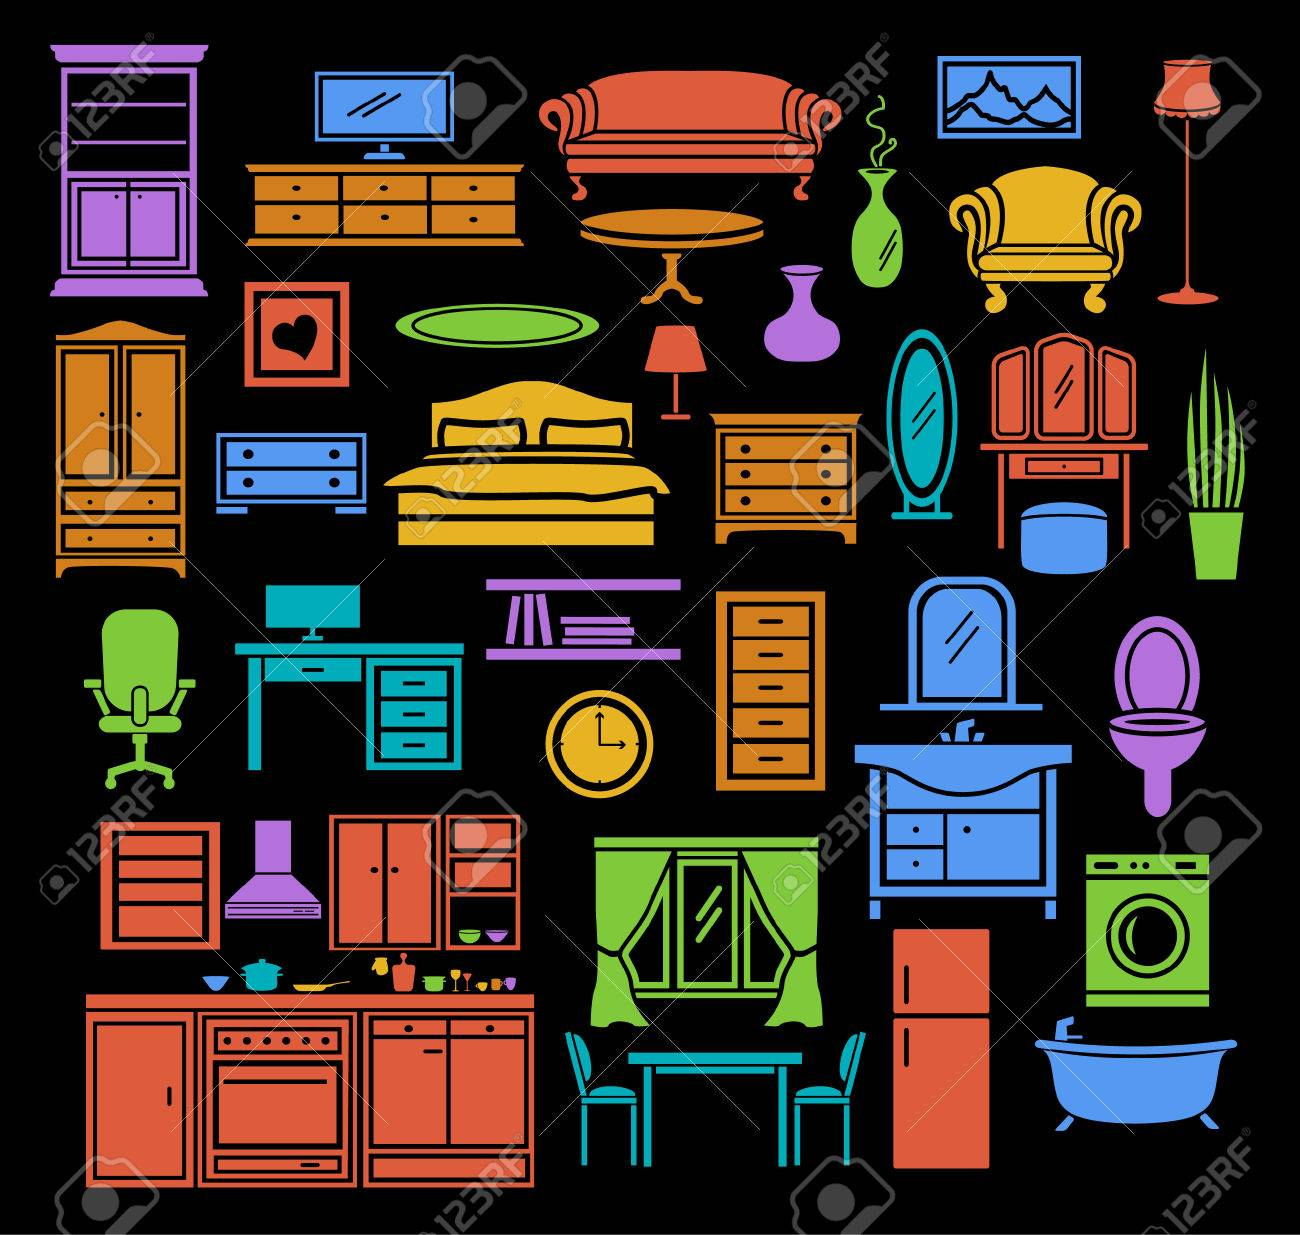 Möbel Artikel Icons Set In Farbe. Schlafzimmer, Wohnzimmer-Möbel ...